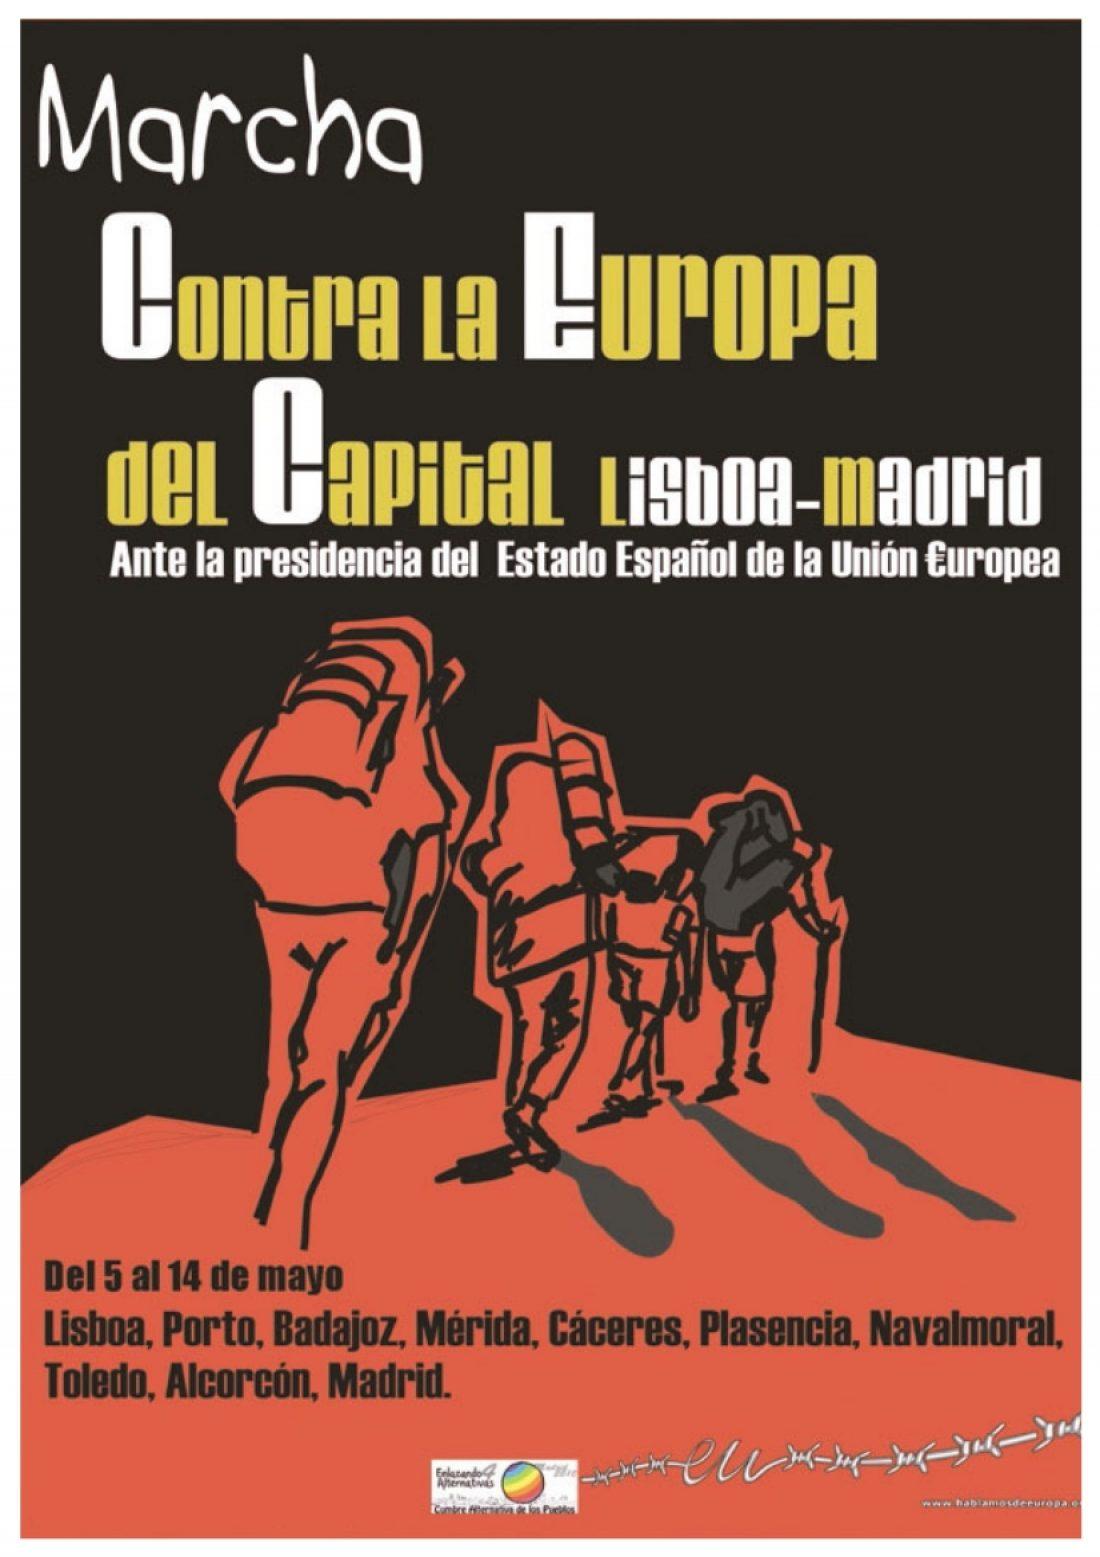 Marcha Lisboa-Madrid: Actos de Toledo y Alcorcón